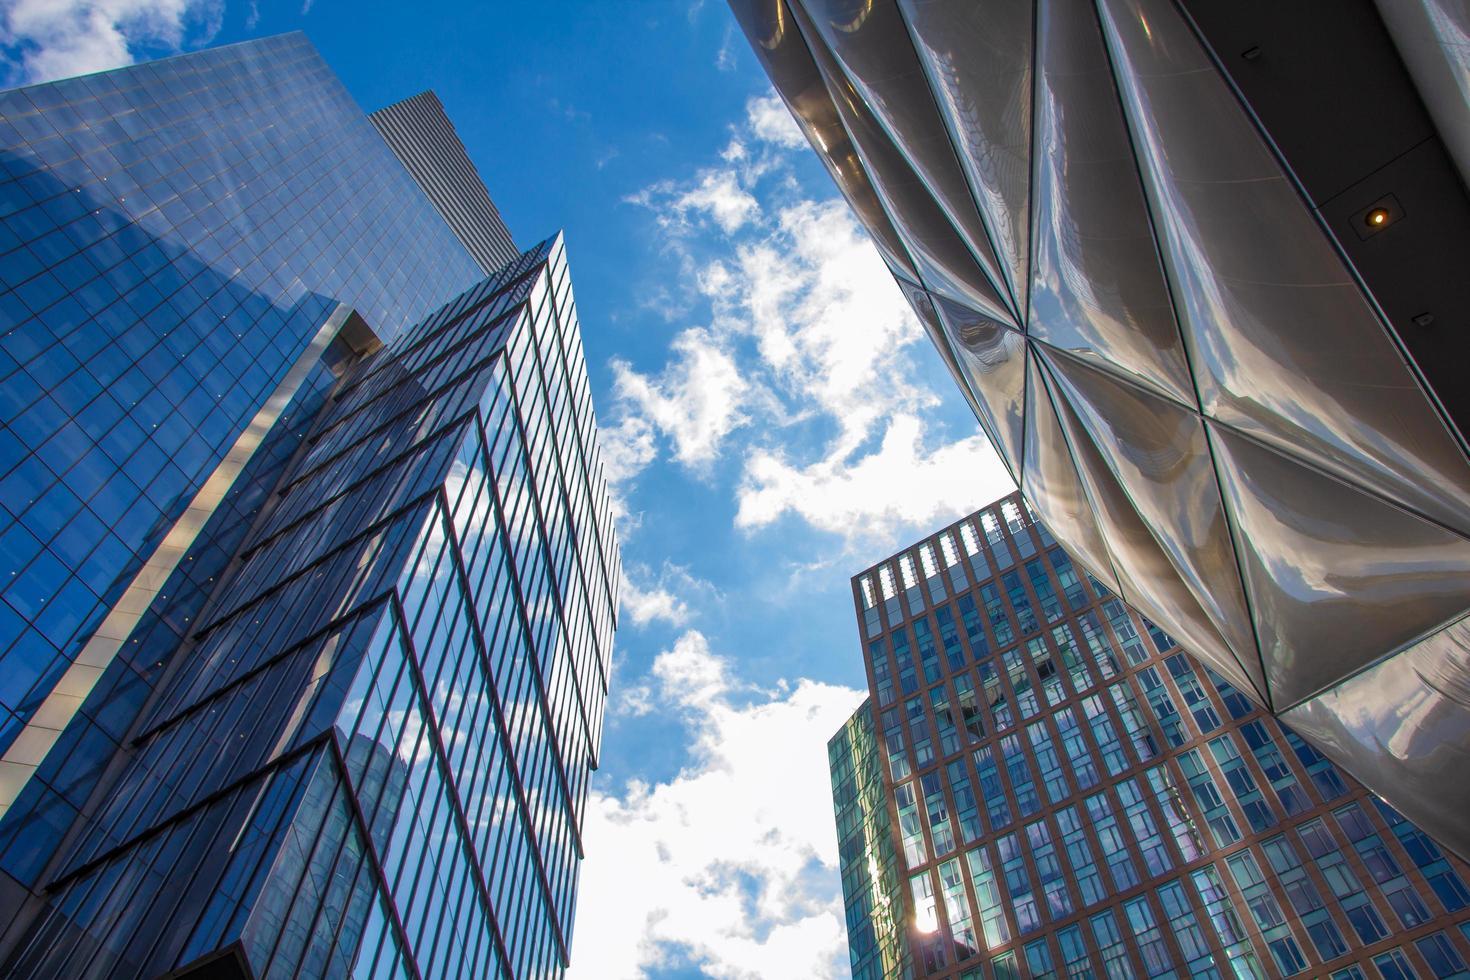 bâtiments en panneaux de verre photo